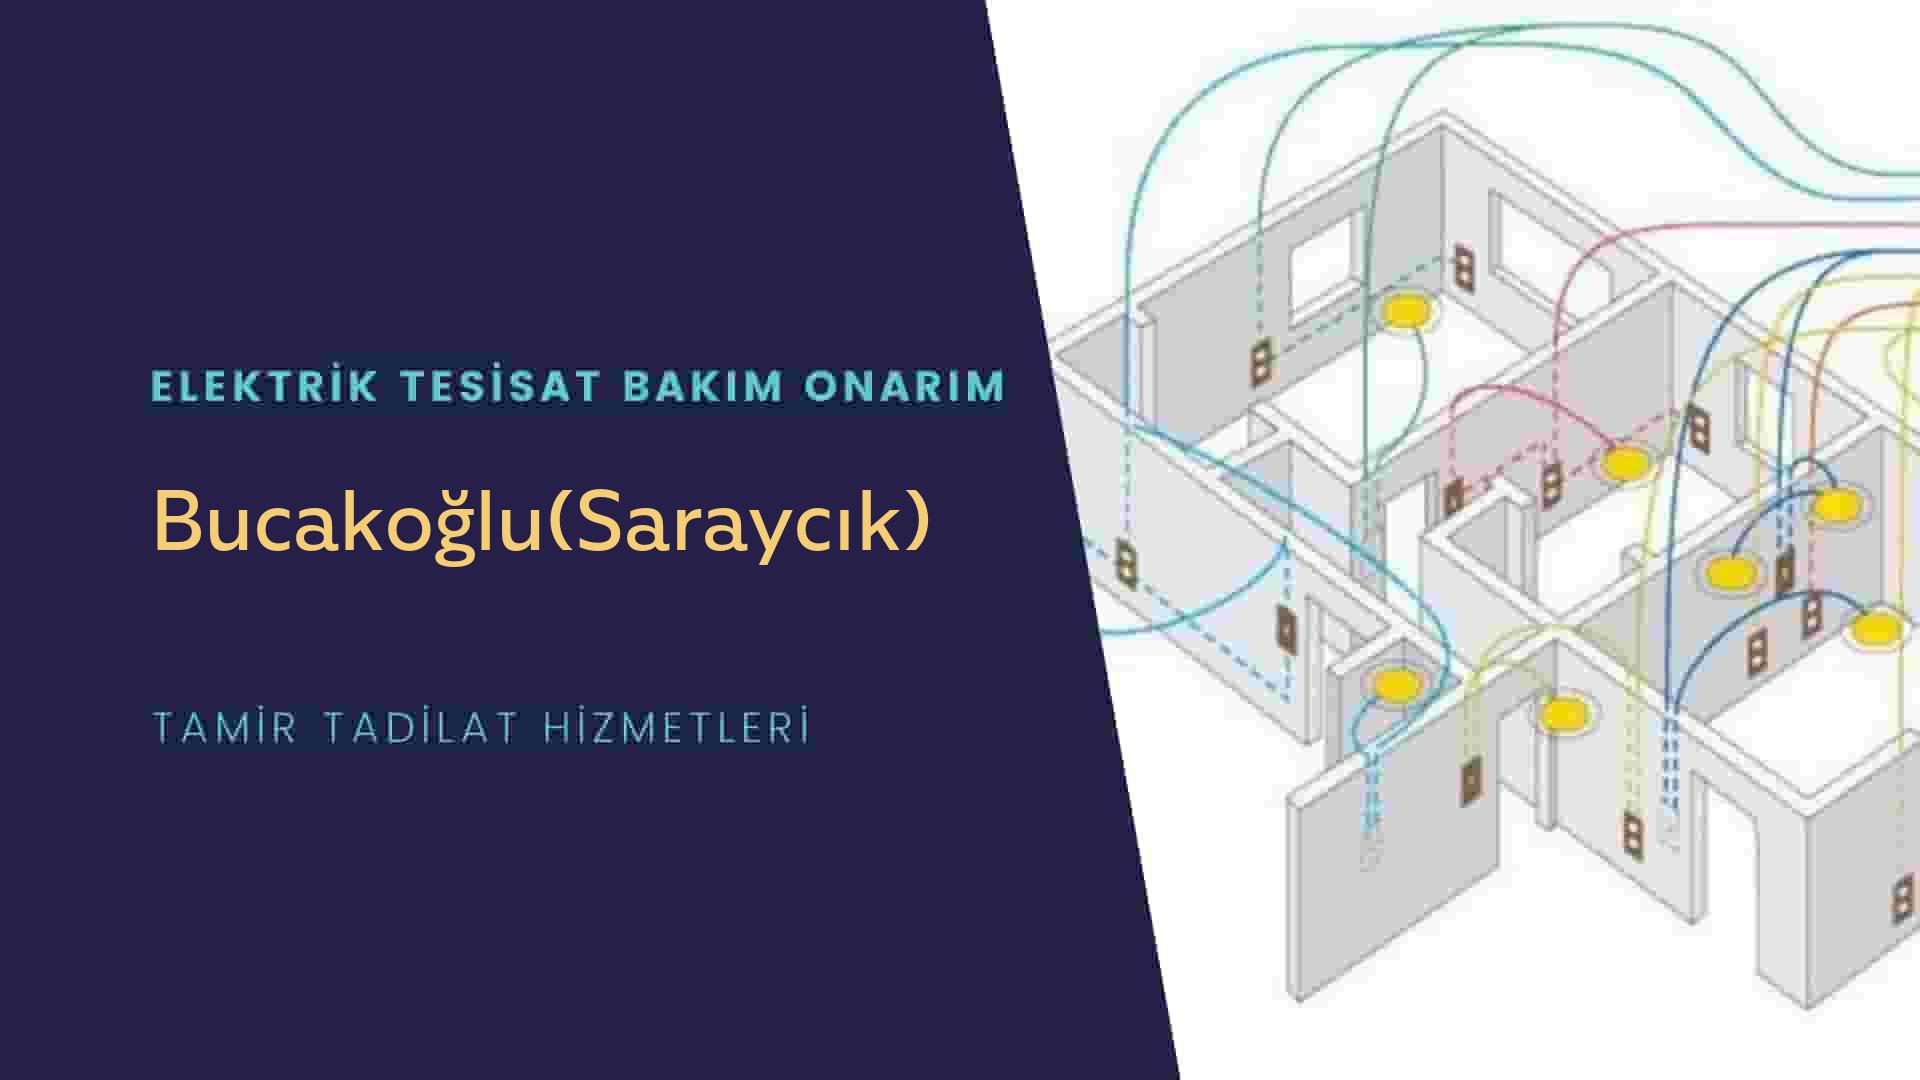 Bucakoğlu(Saraycık)  elektrik tesisatıustalarımı arıyorsunuz doğru adrestenizi Bucakoğlu(Saraycık) elektrik tesisatı ustalarımız 7/24 sizlere hizmet vermekten mutluluk duyar.